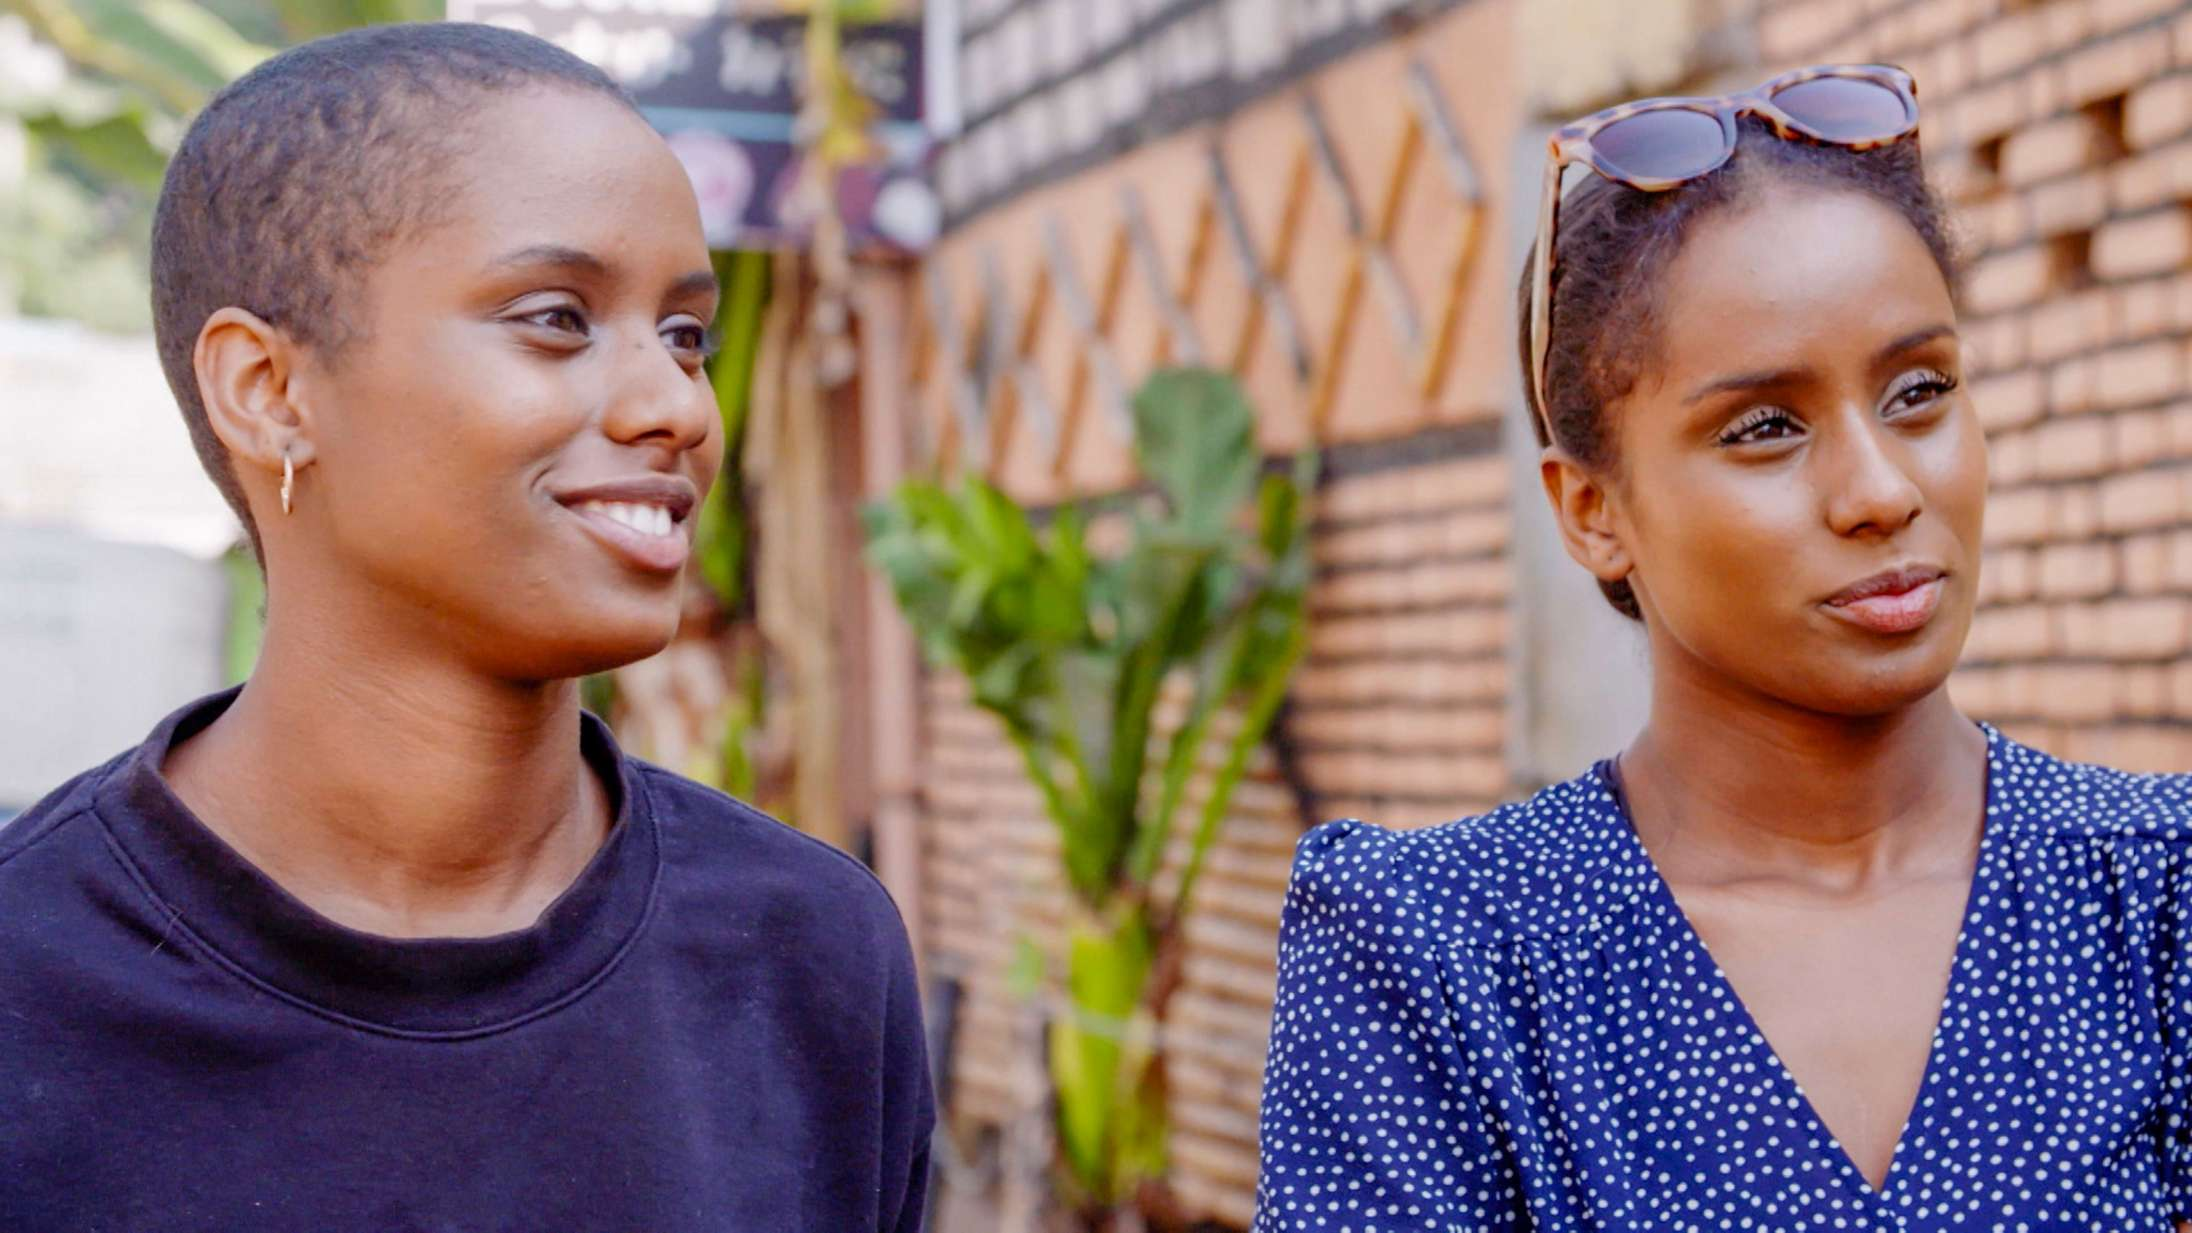 'Min sindssyge tvilling': Vellykket DR3-serie om søsterskab, psykiske lidelser og jagten på ophavet